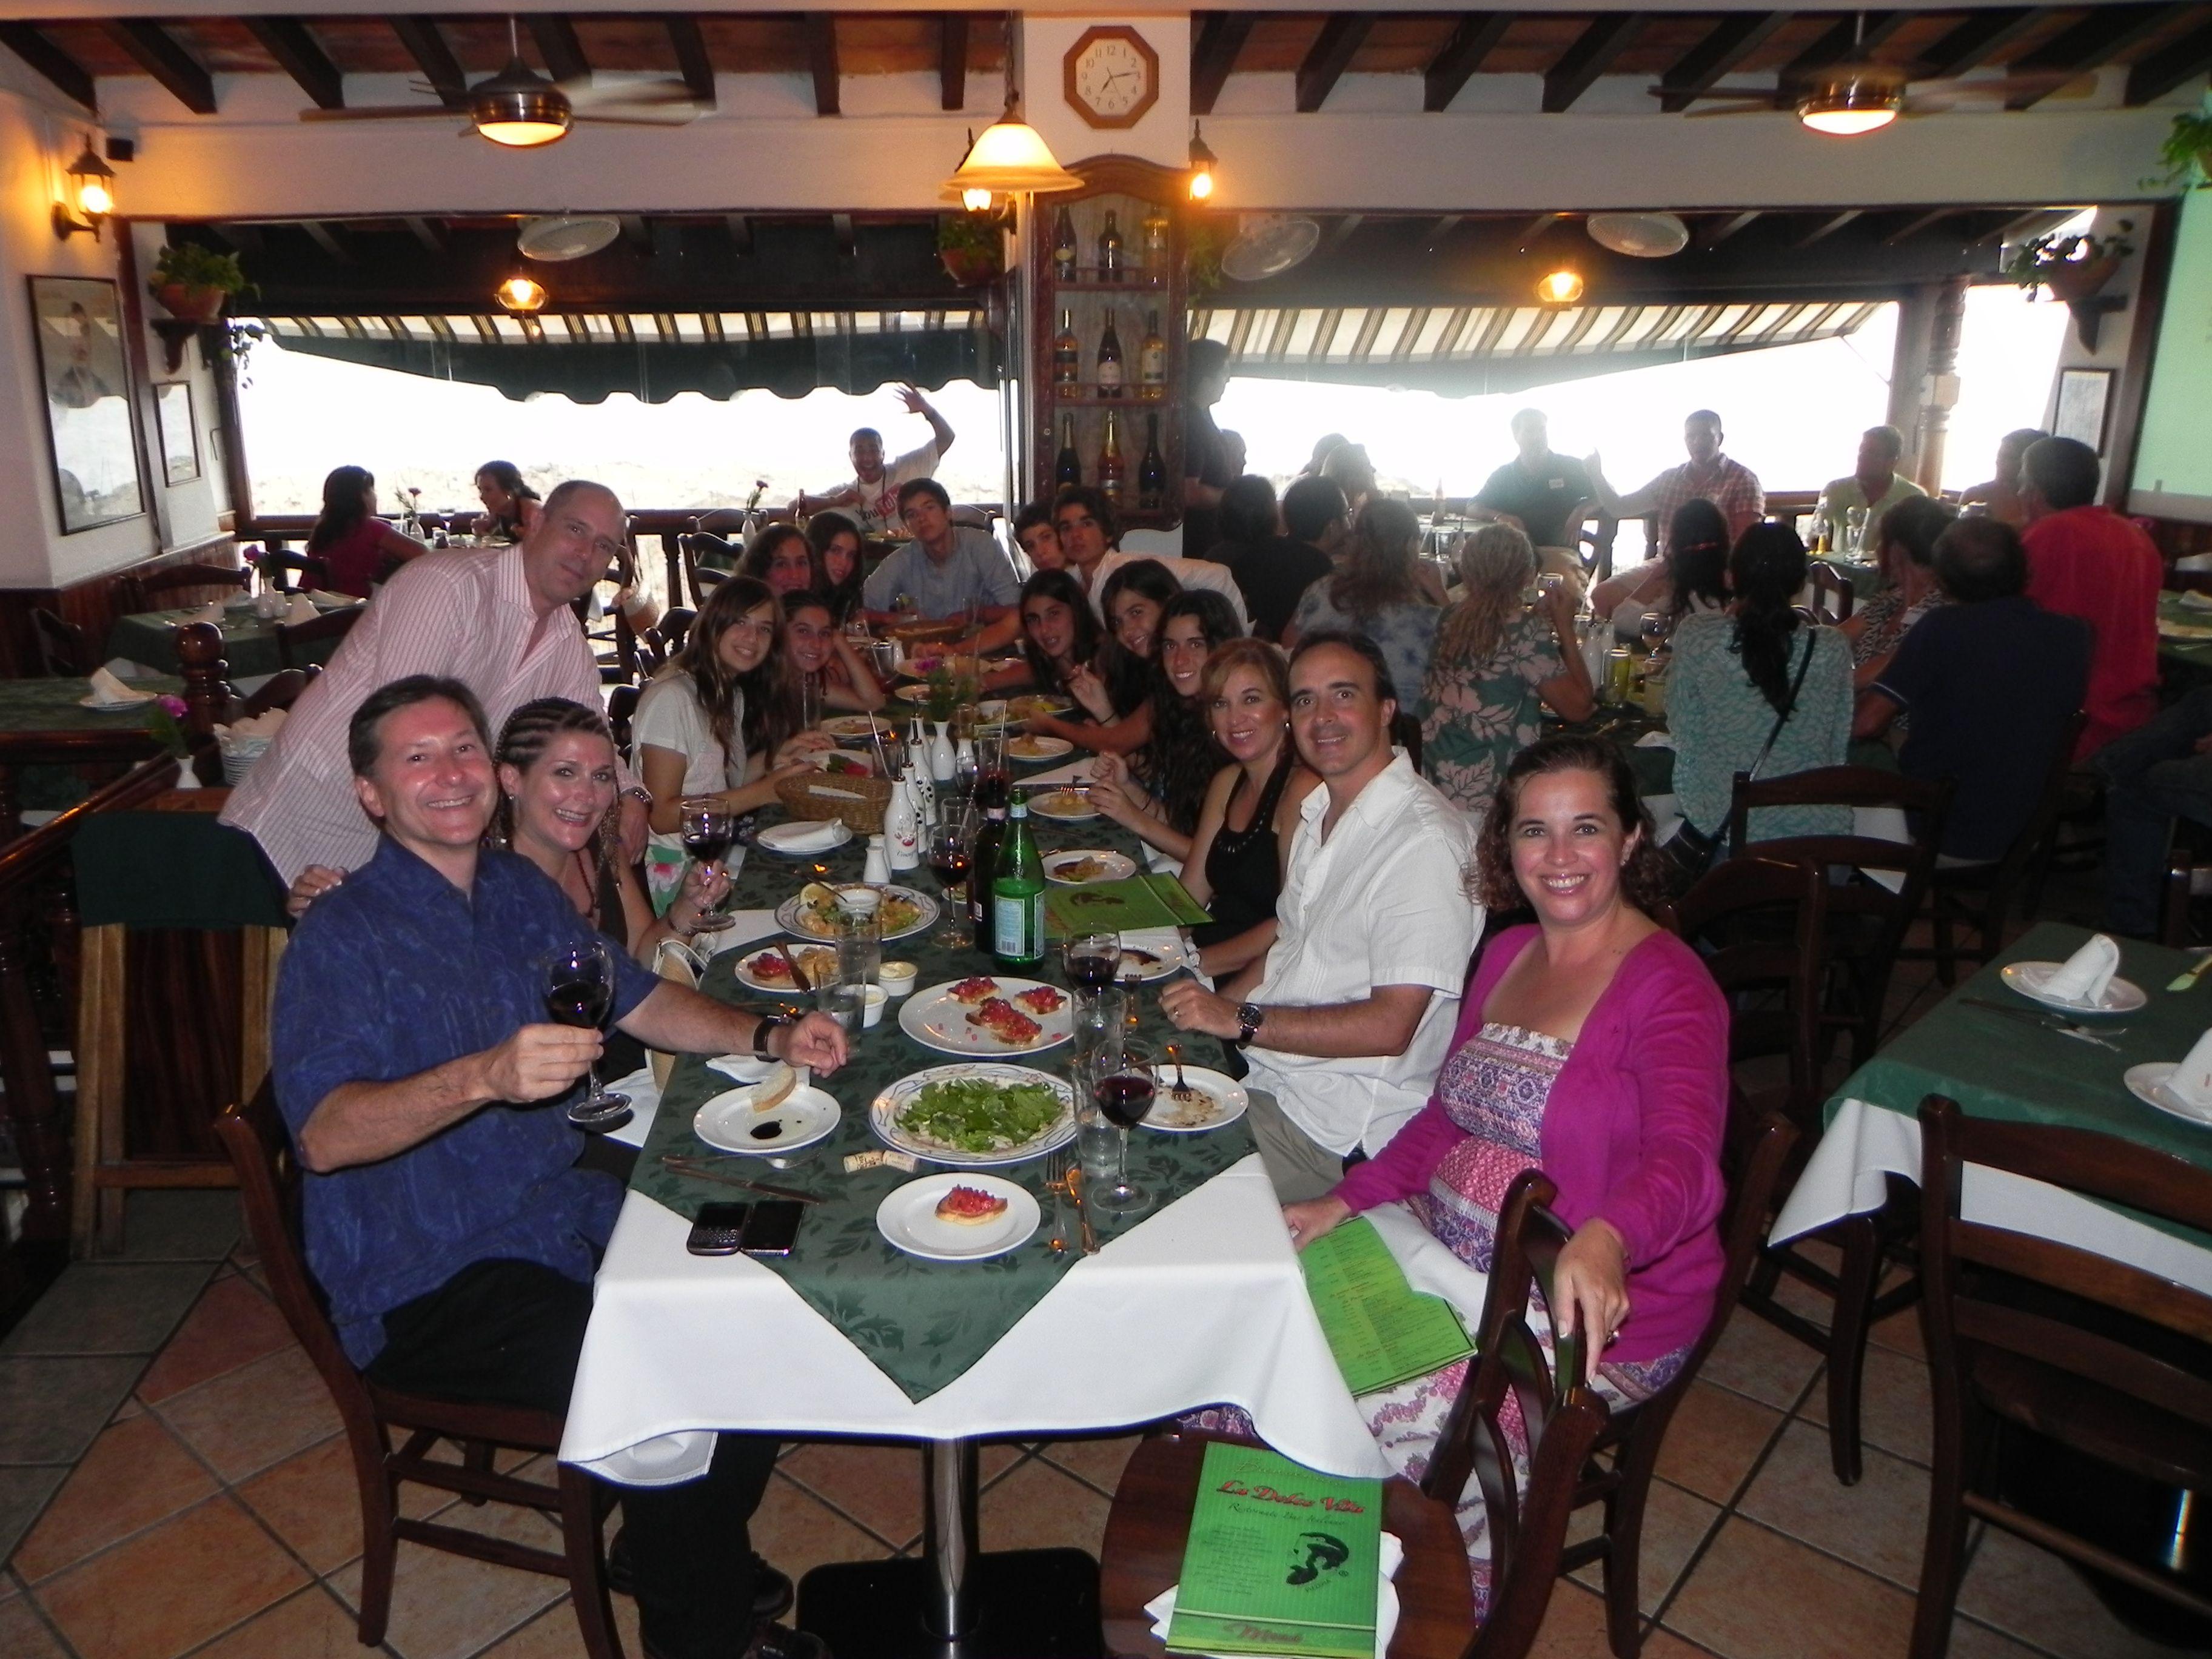 Puerto Vallarta with the Mazzini's and Jimenez